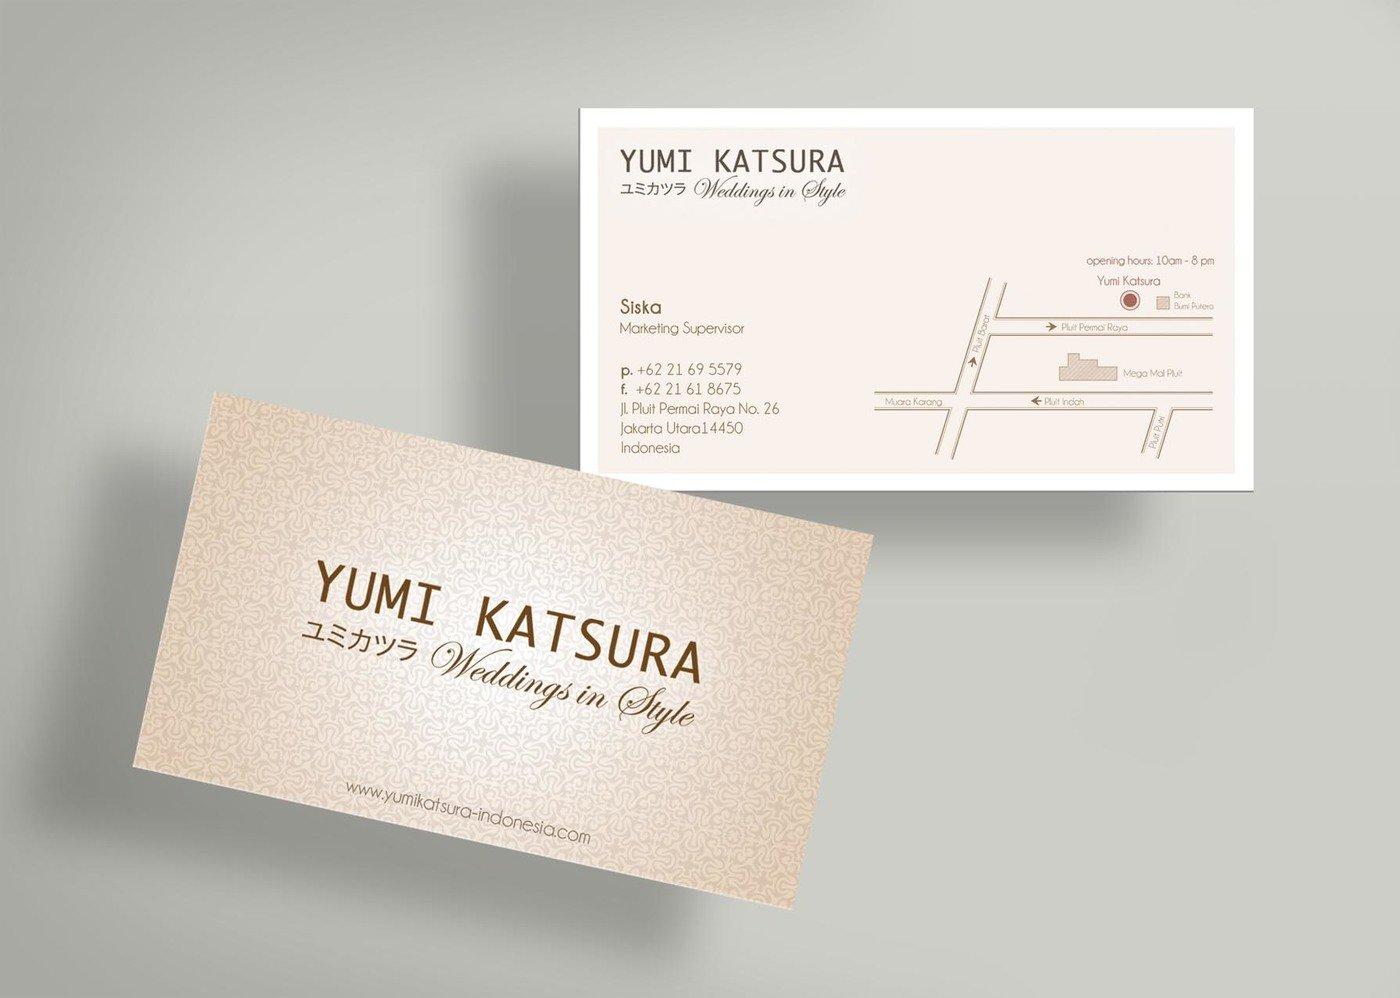 Yumi Katsura - Business Card & Price Tag Design by Sherly Gunawan at ...